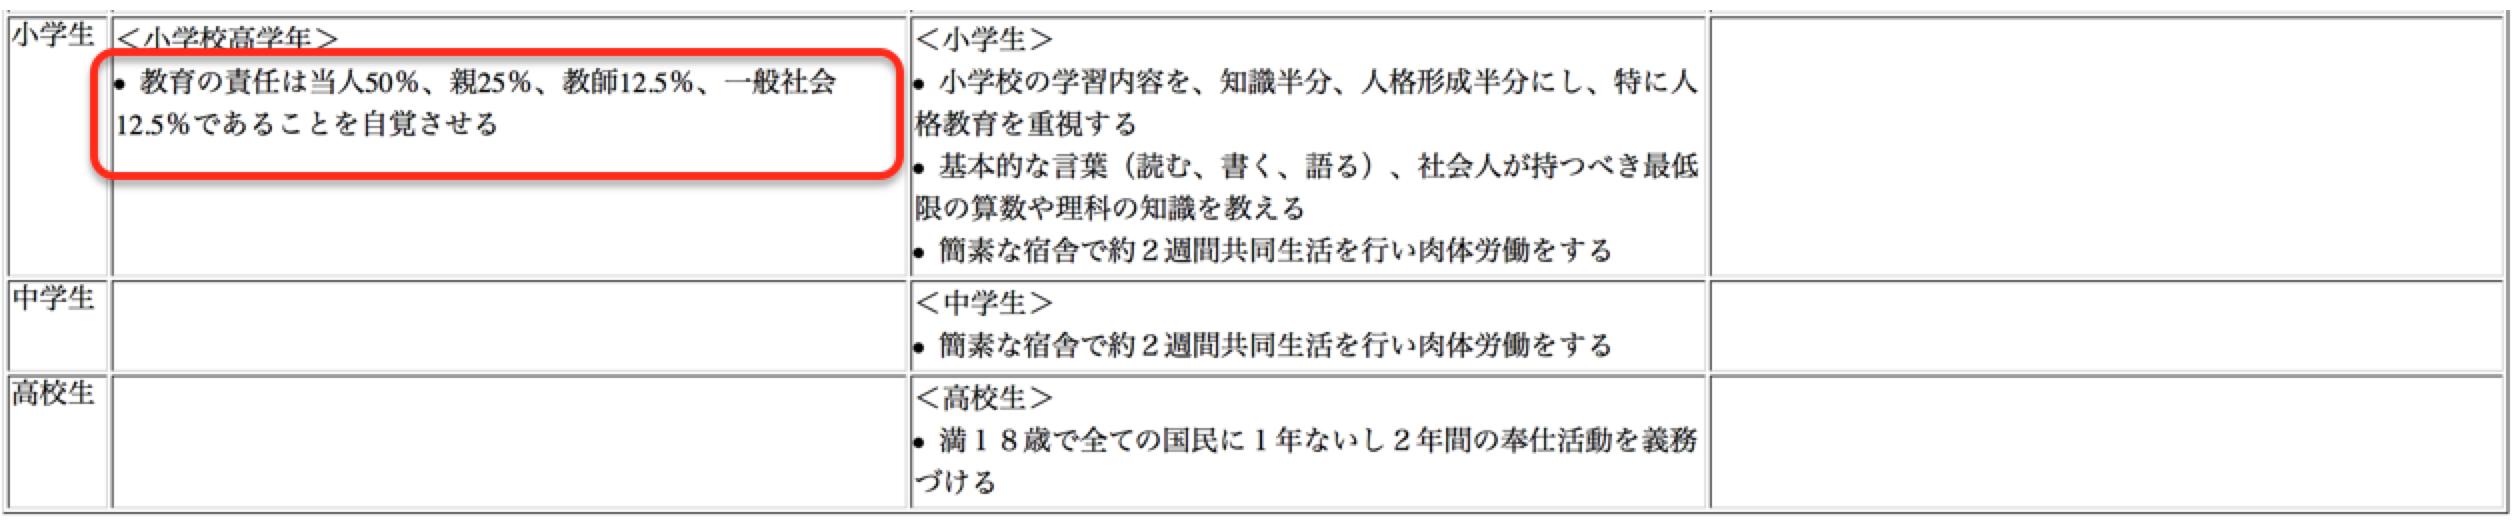 教育改革2−1